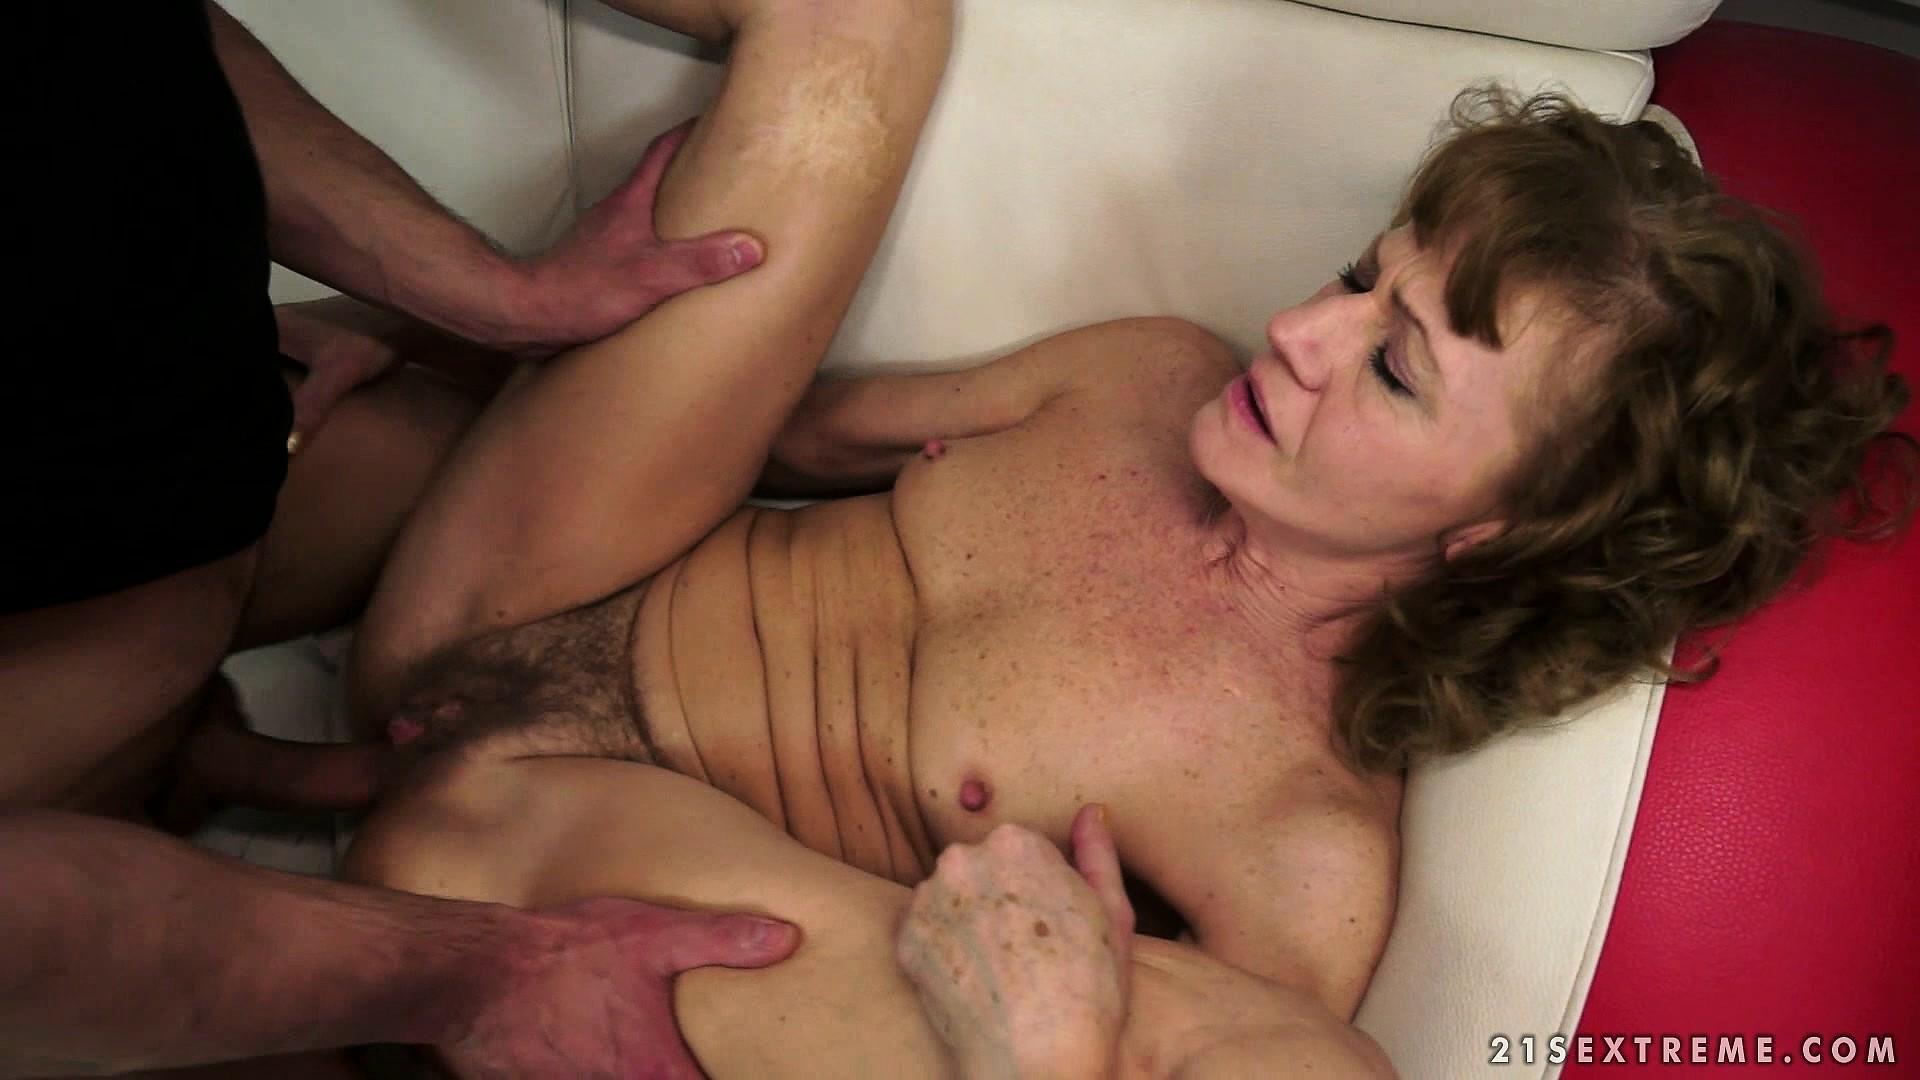 hardcore-granny-free-porn-video